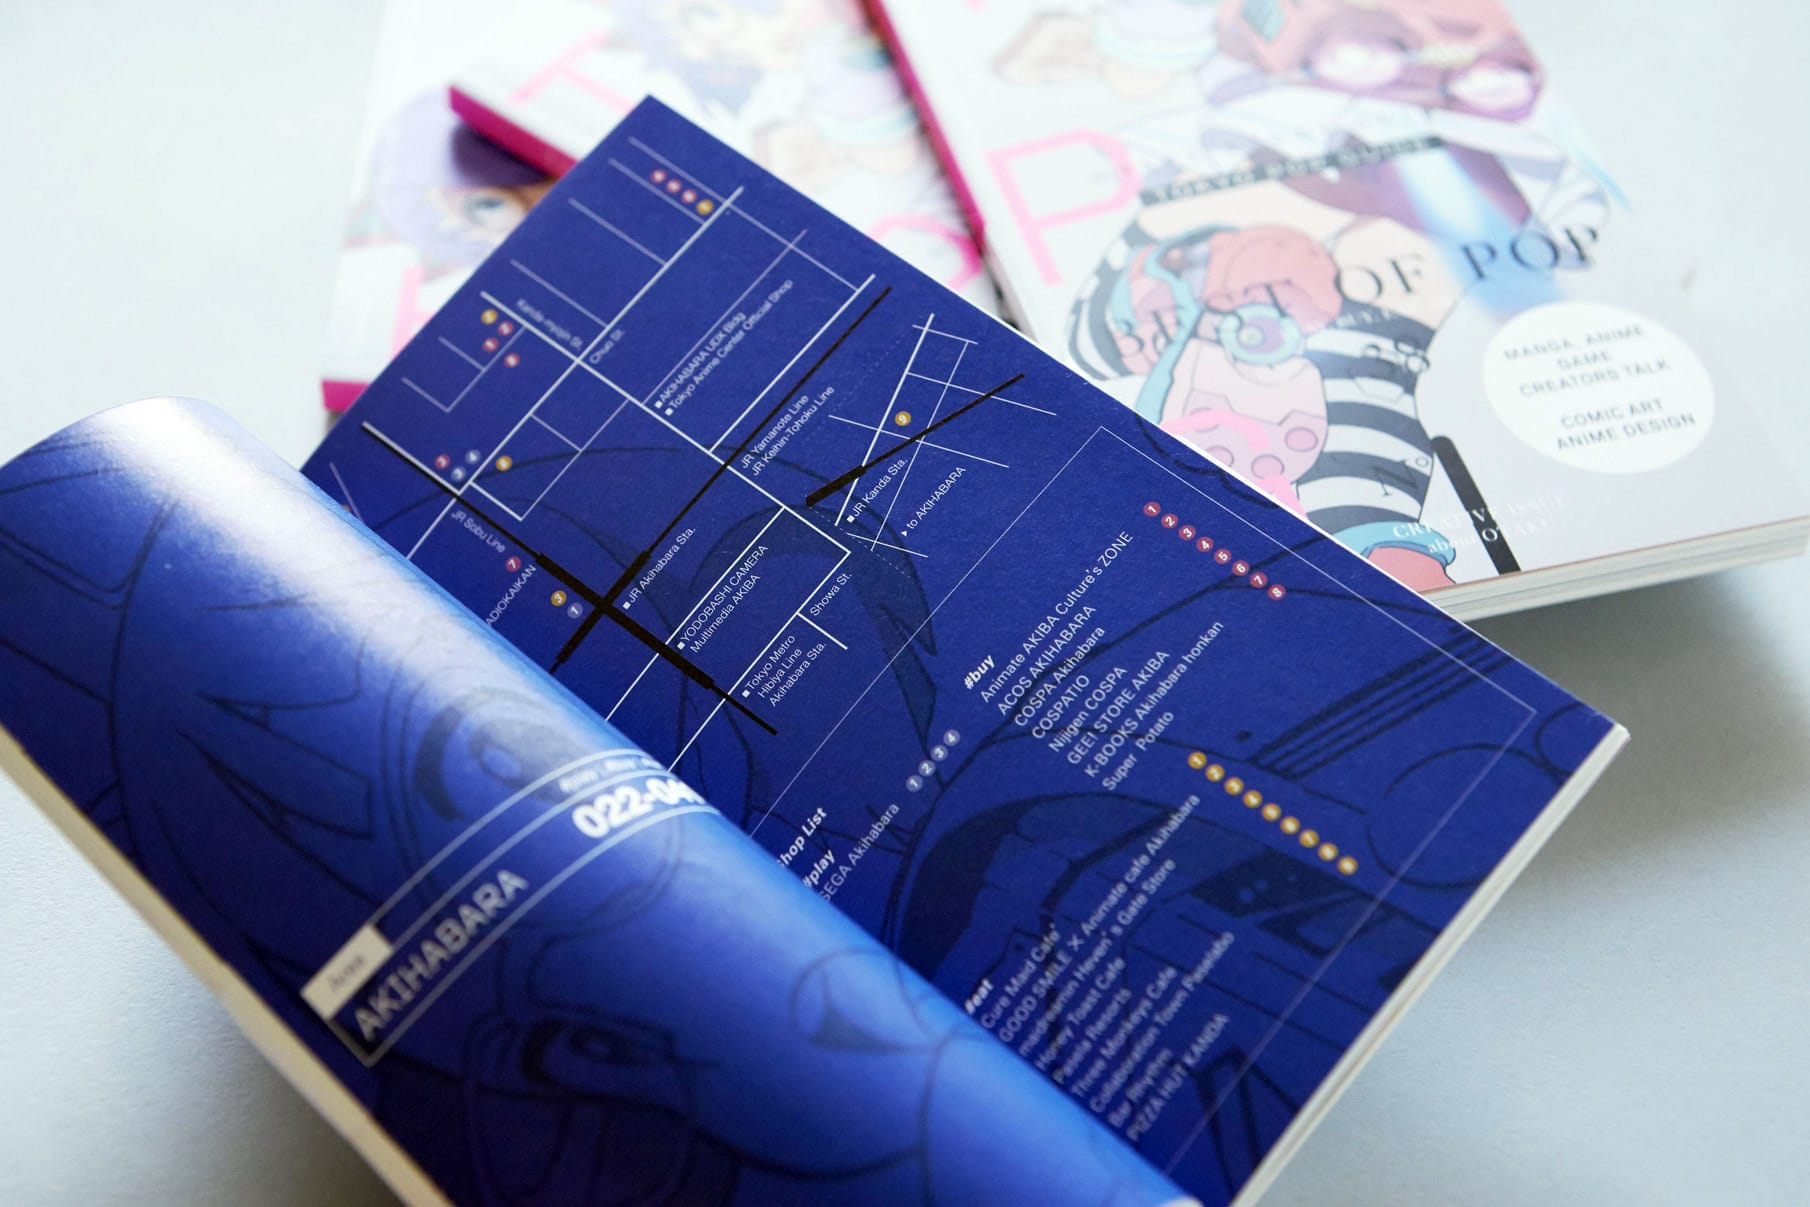 Tokyo Pop Guide Vol.1 - Culture Guide Book 9